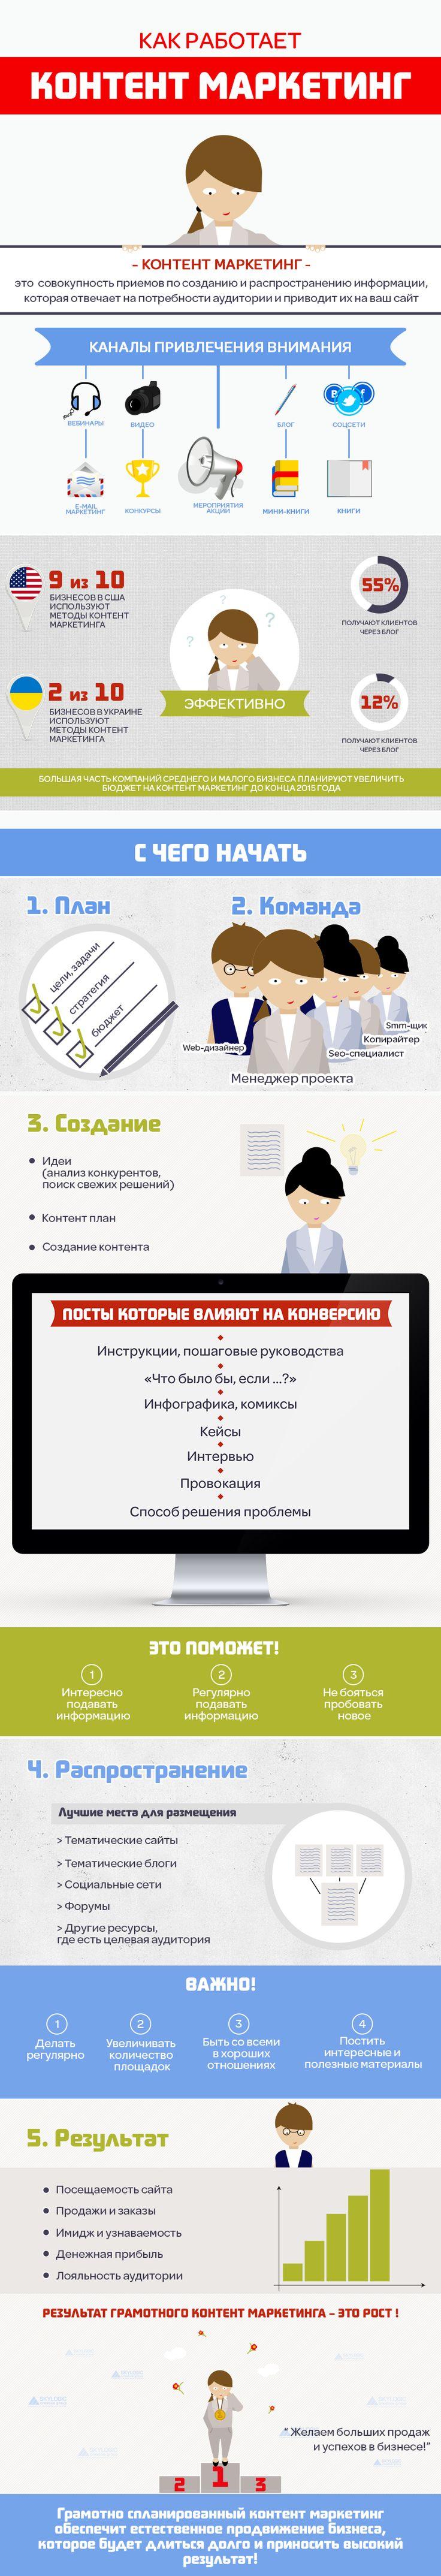 http://skylogic.com.ua/article/content-marketing-a-lifeline-for-your-business